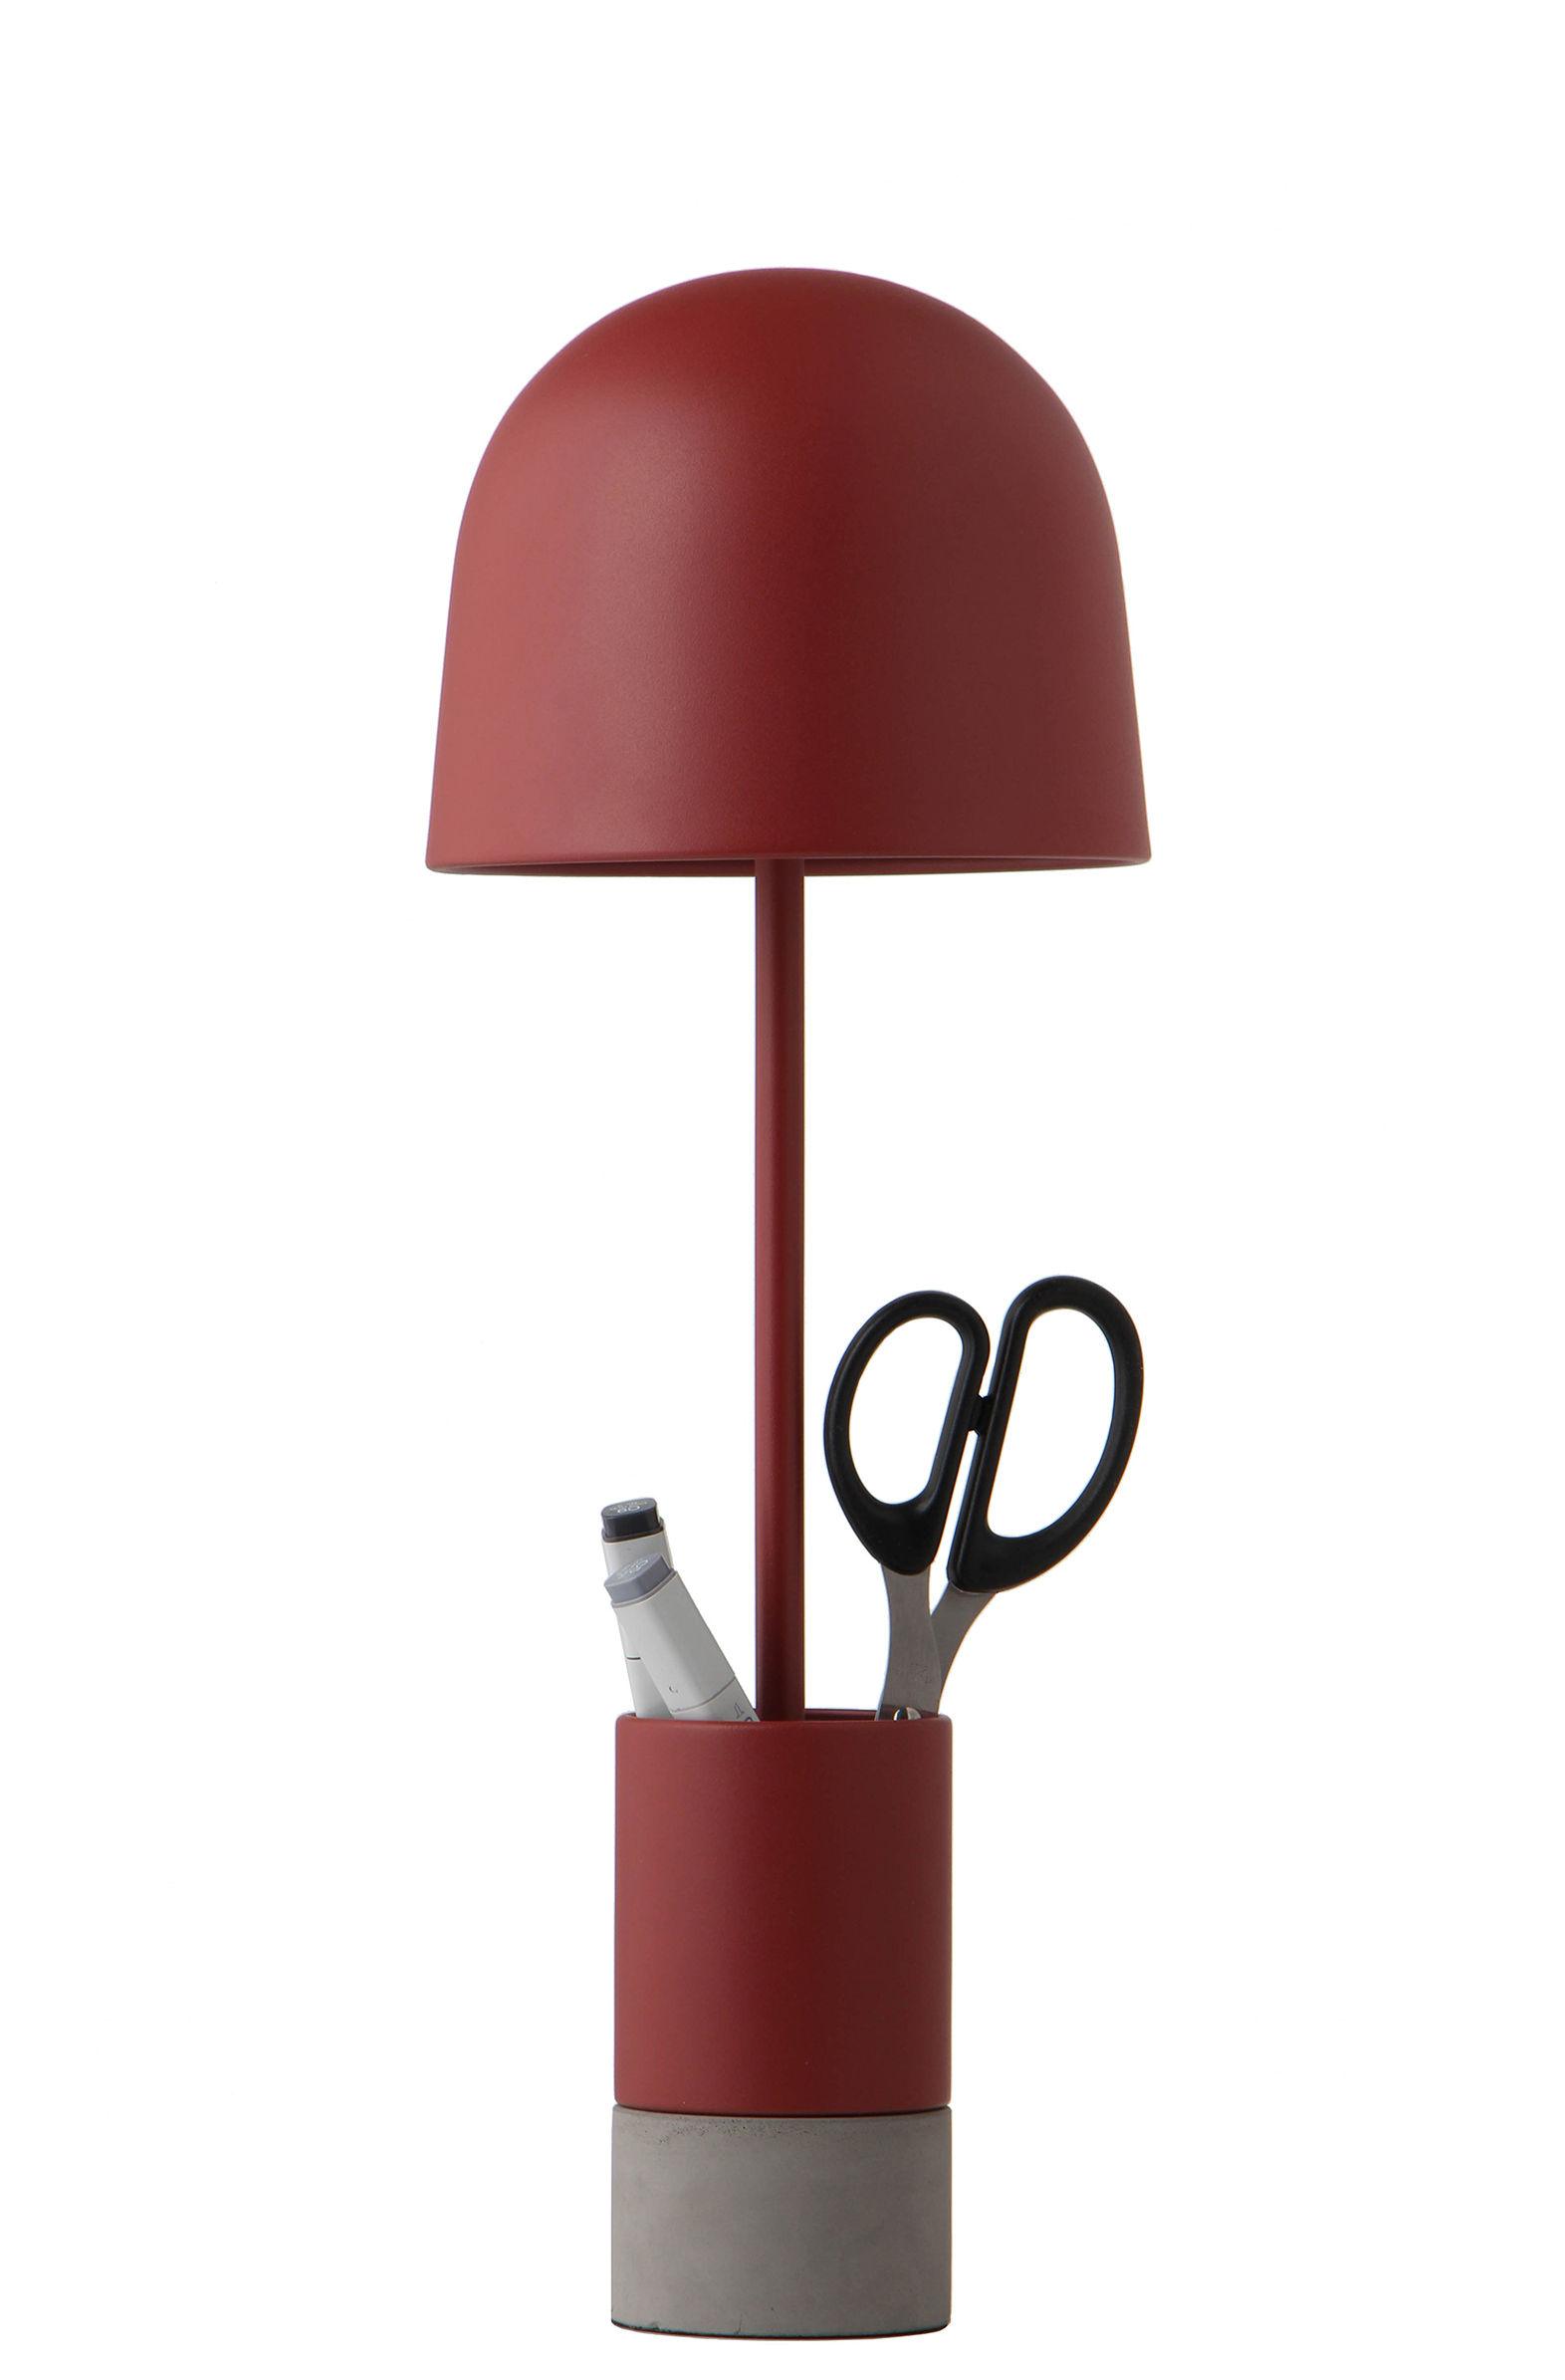 Luminaire - Lampes de table - Lampe de table Pen / Métal & béton - Frandsen - Rouille mat - Béton, Métal peint